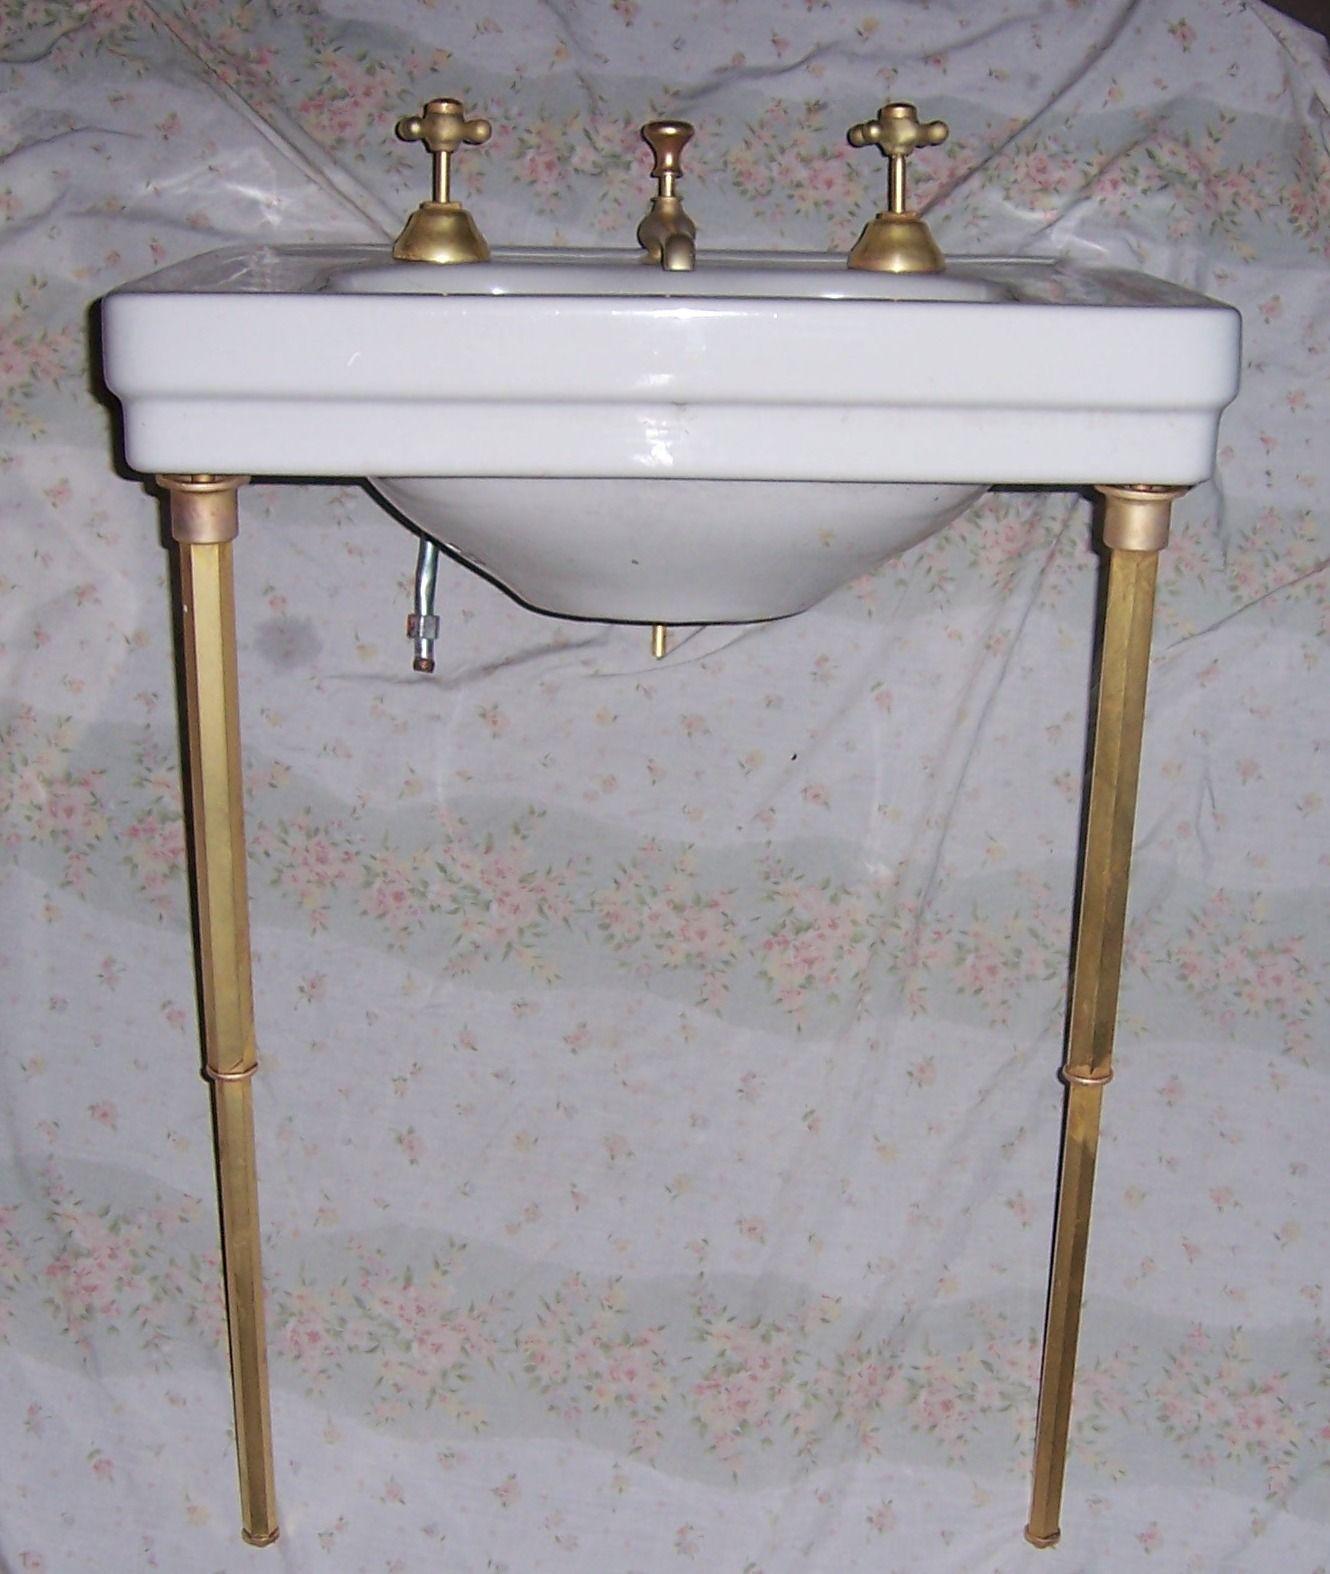 Vintage Bathroom Sink Legs (1330×1574)